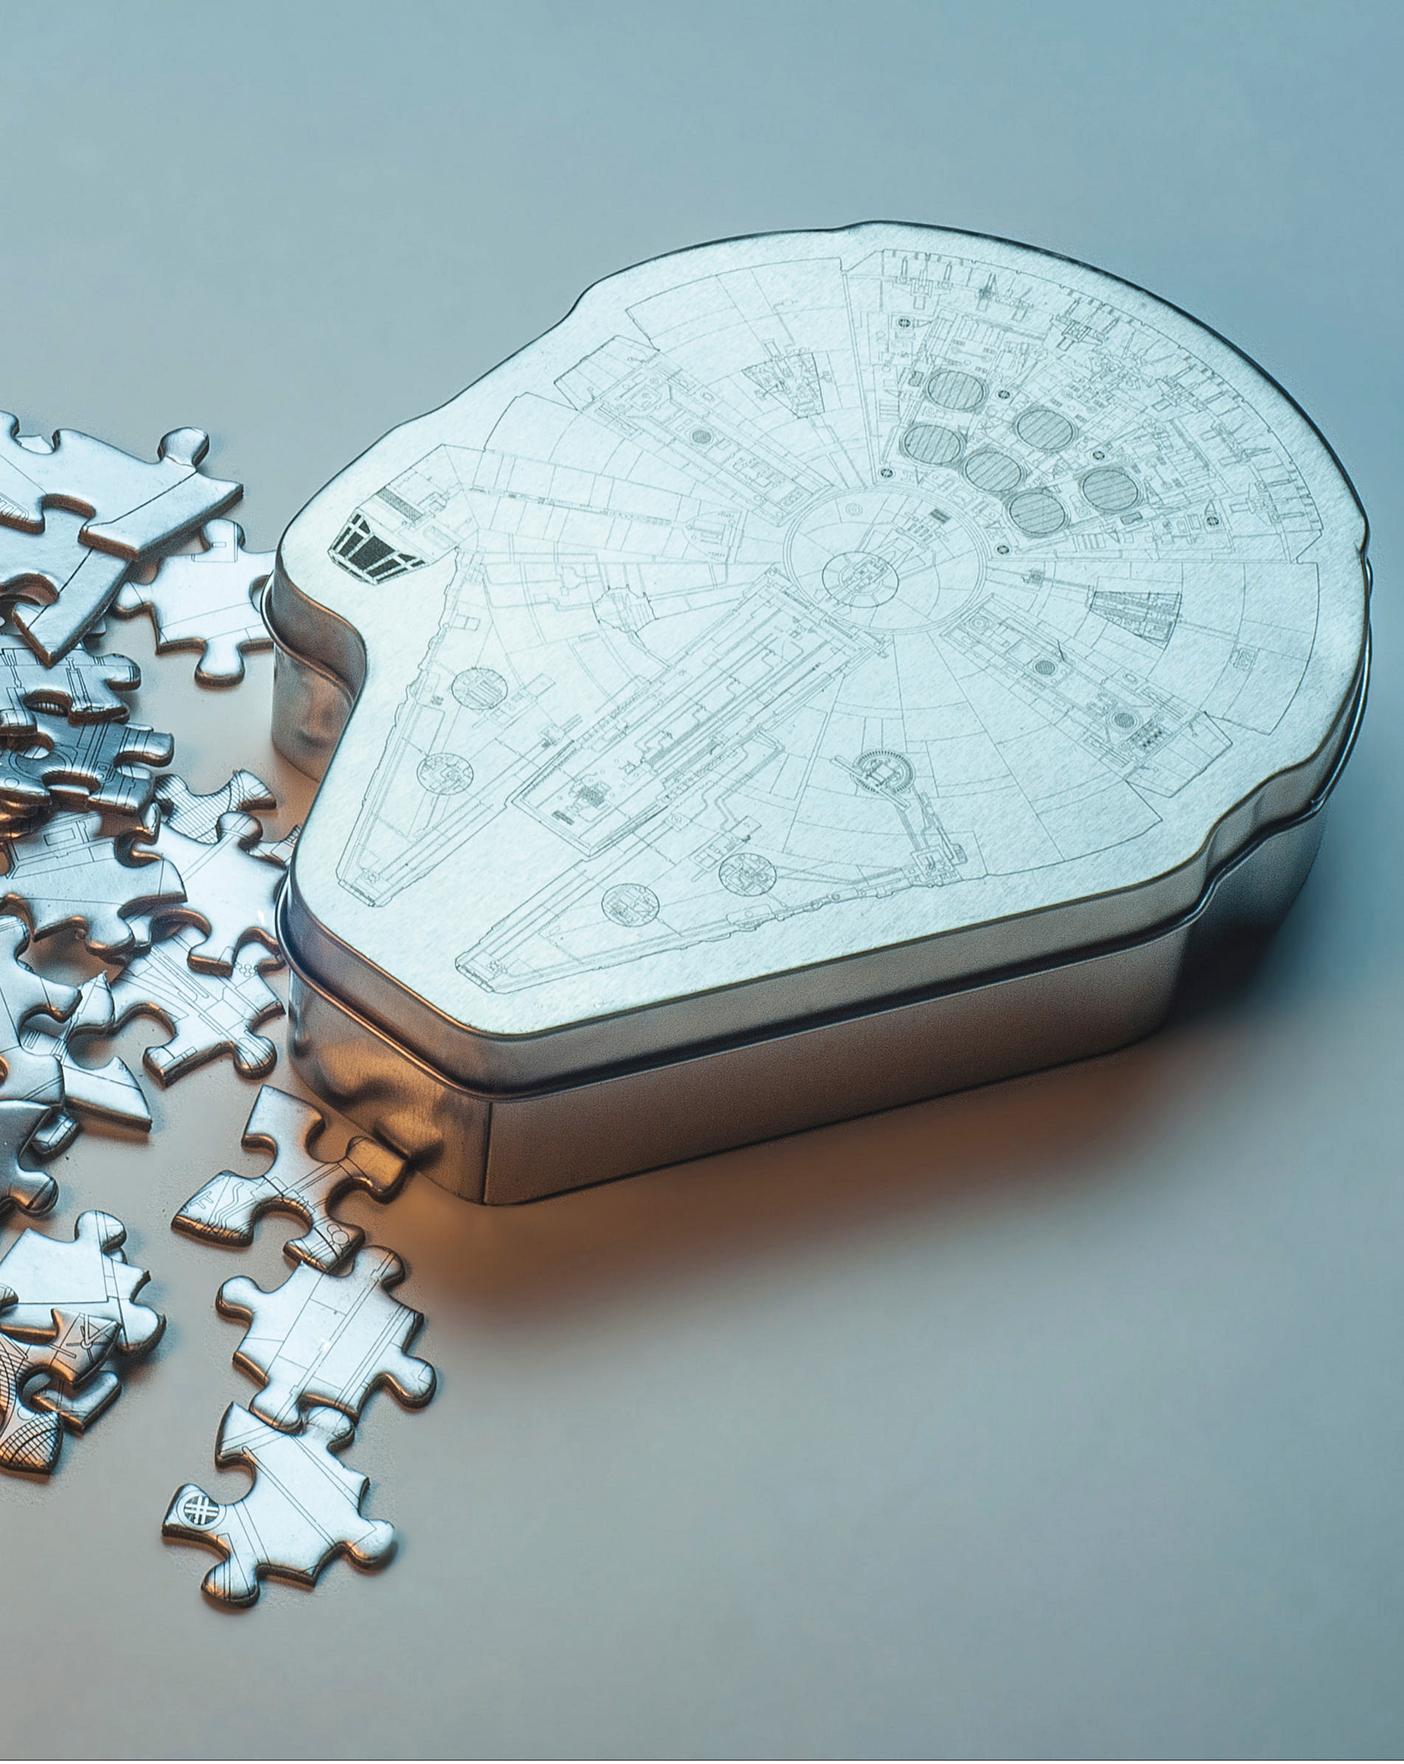 Star Wars Millennium Falcon Jigsaw | J